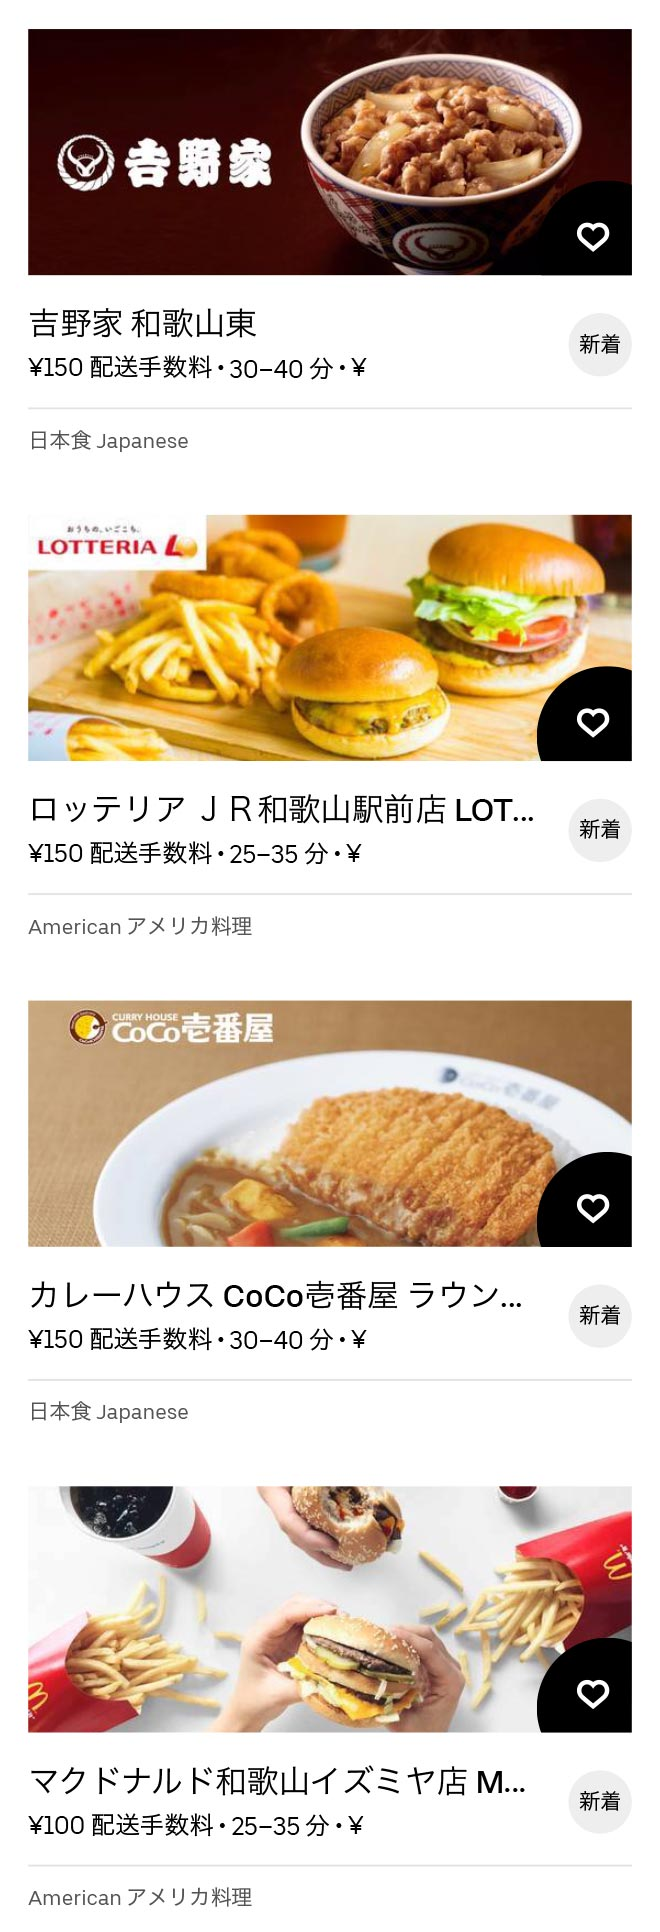 W miyamae menu 2011 2